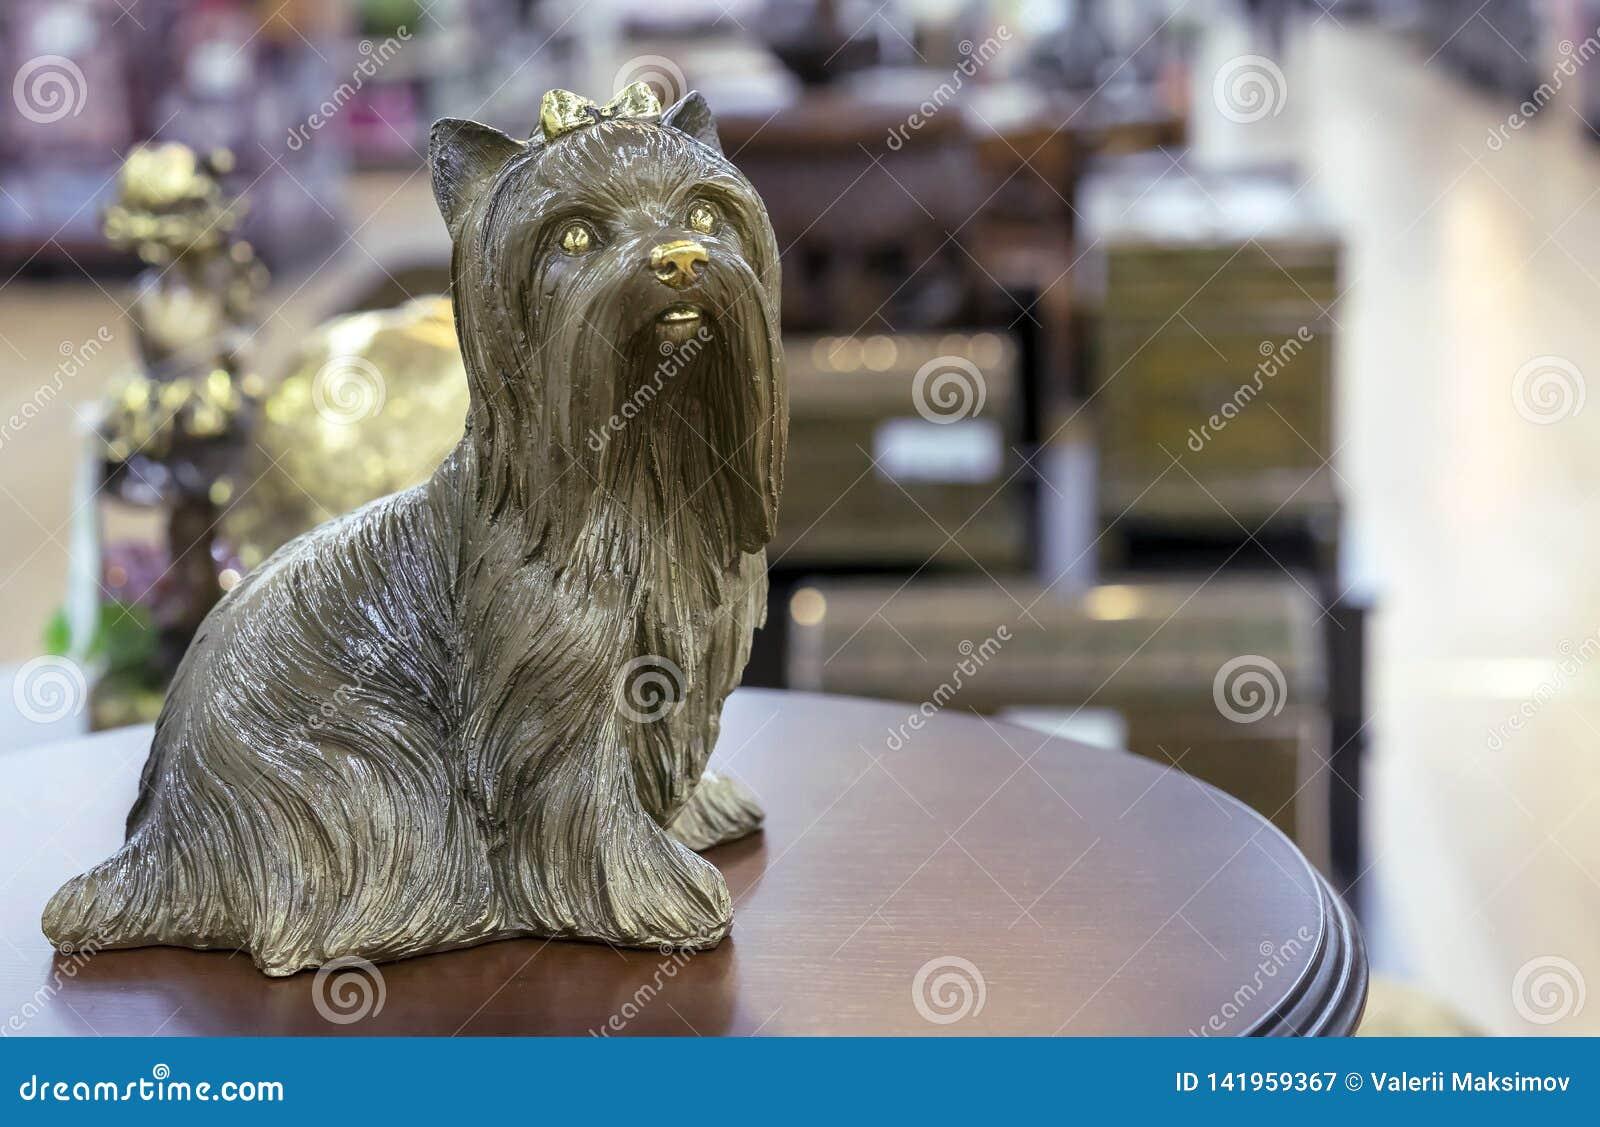 Messingsbeeldje van Yorkshire Terrier op een ronde houten lijst